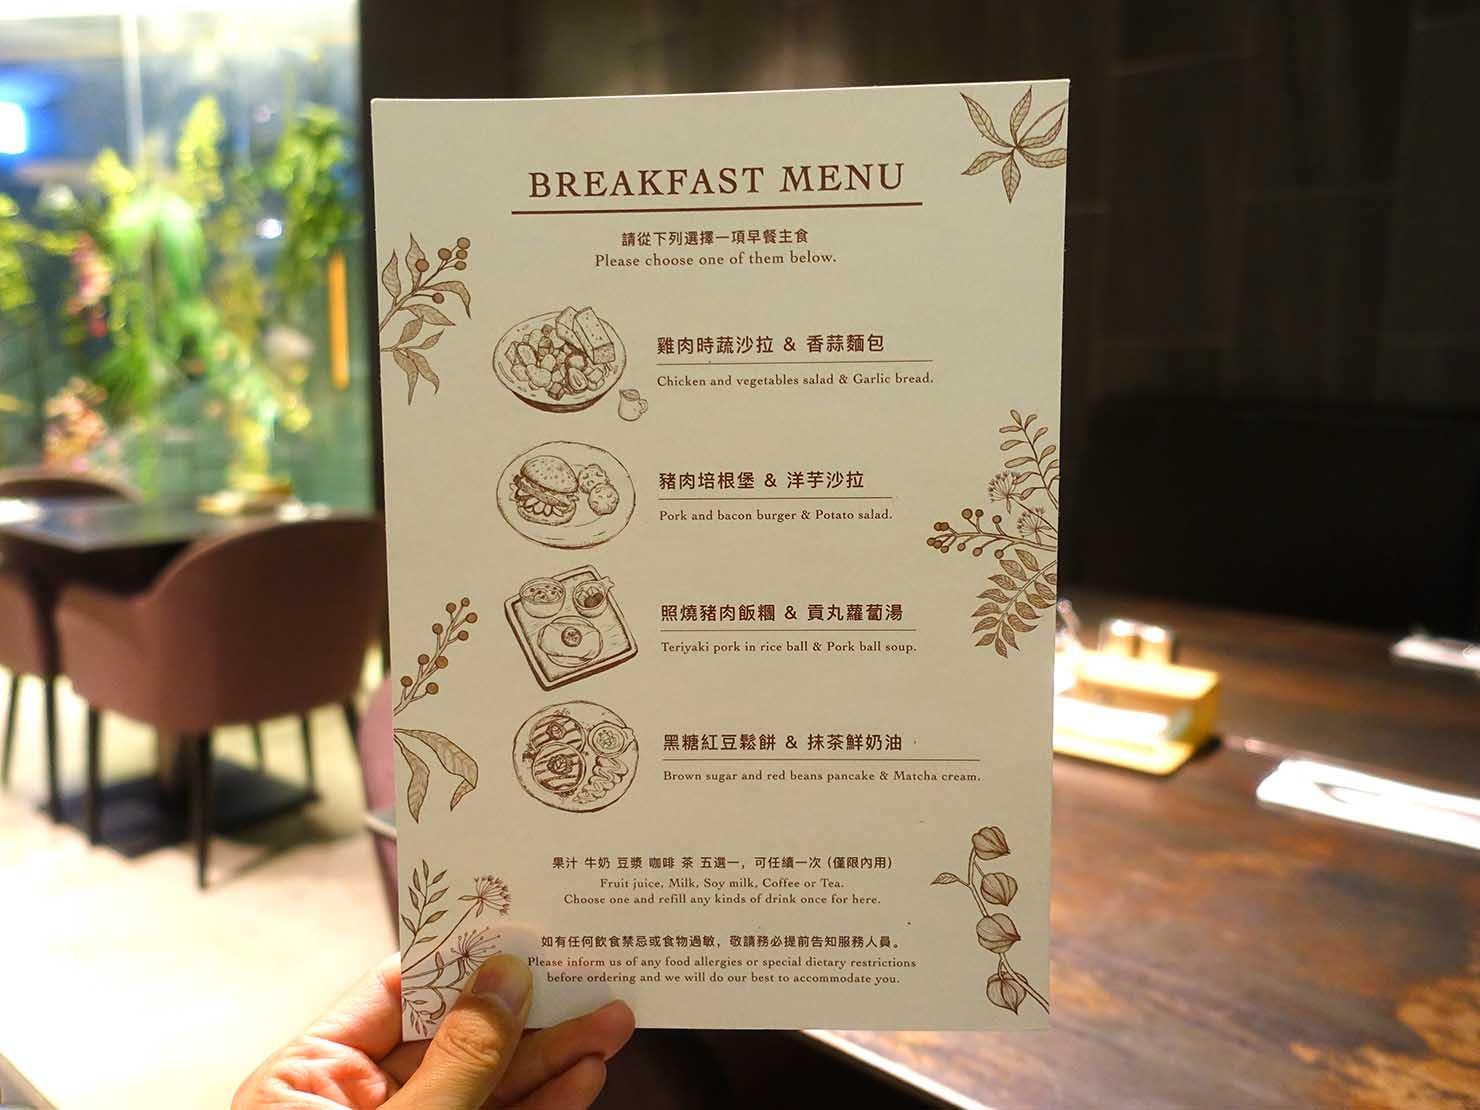 台中駅前のおすすめデザインホテル「紅點文旅 RedDot Hotel」のレストラン・L'AROMEでいただく朝食のメニュー